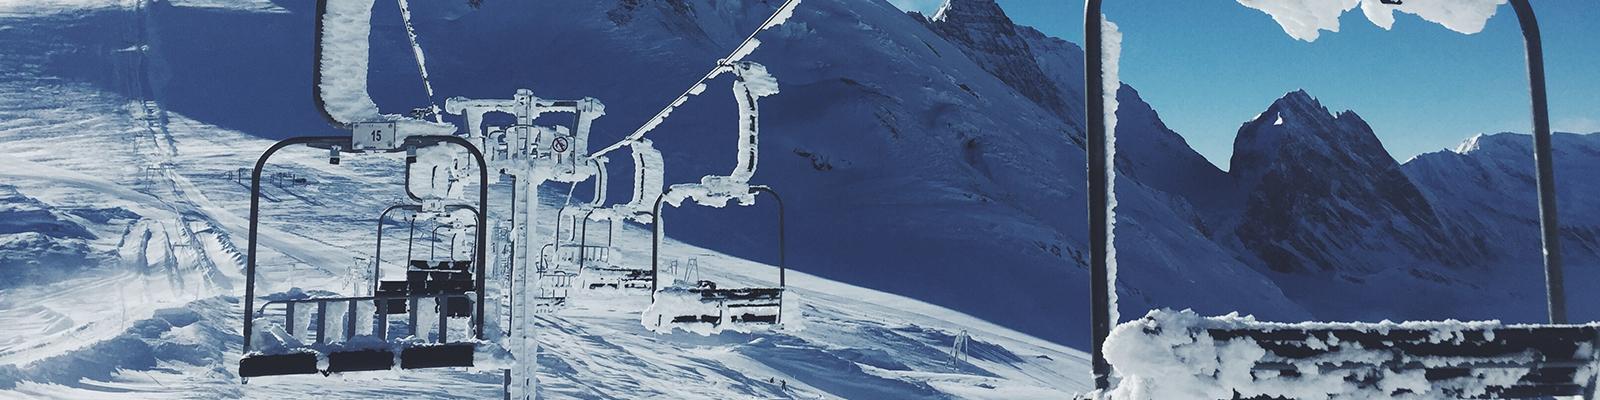 full1-skiweekend